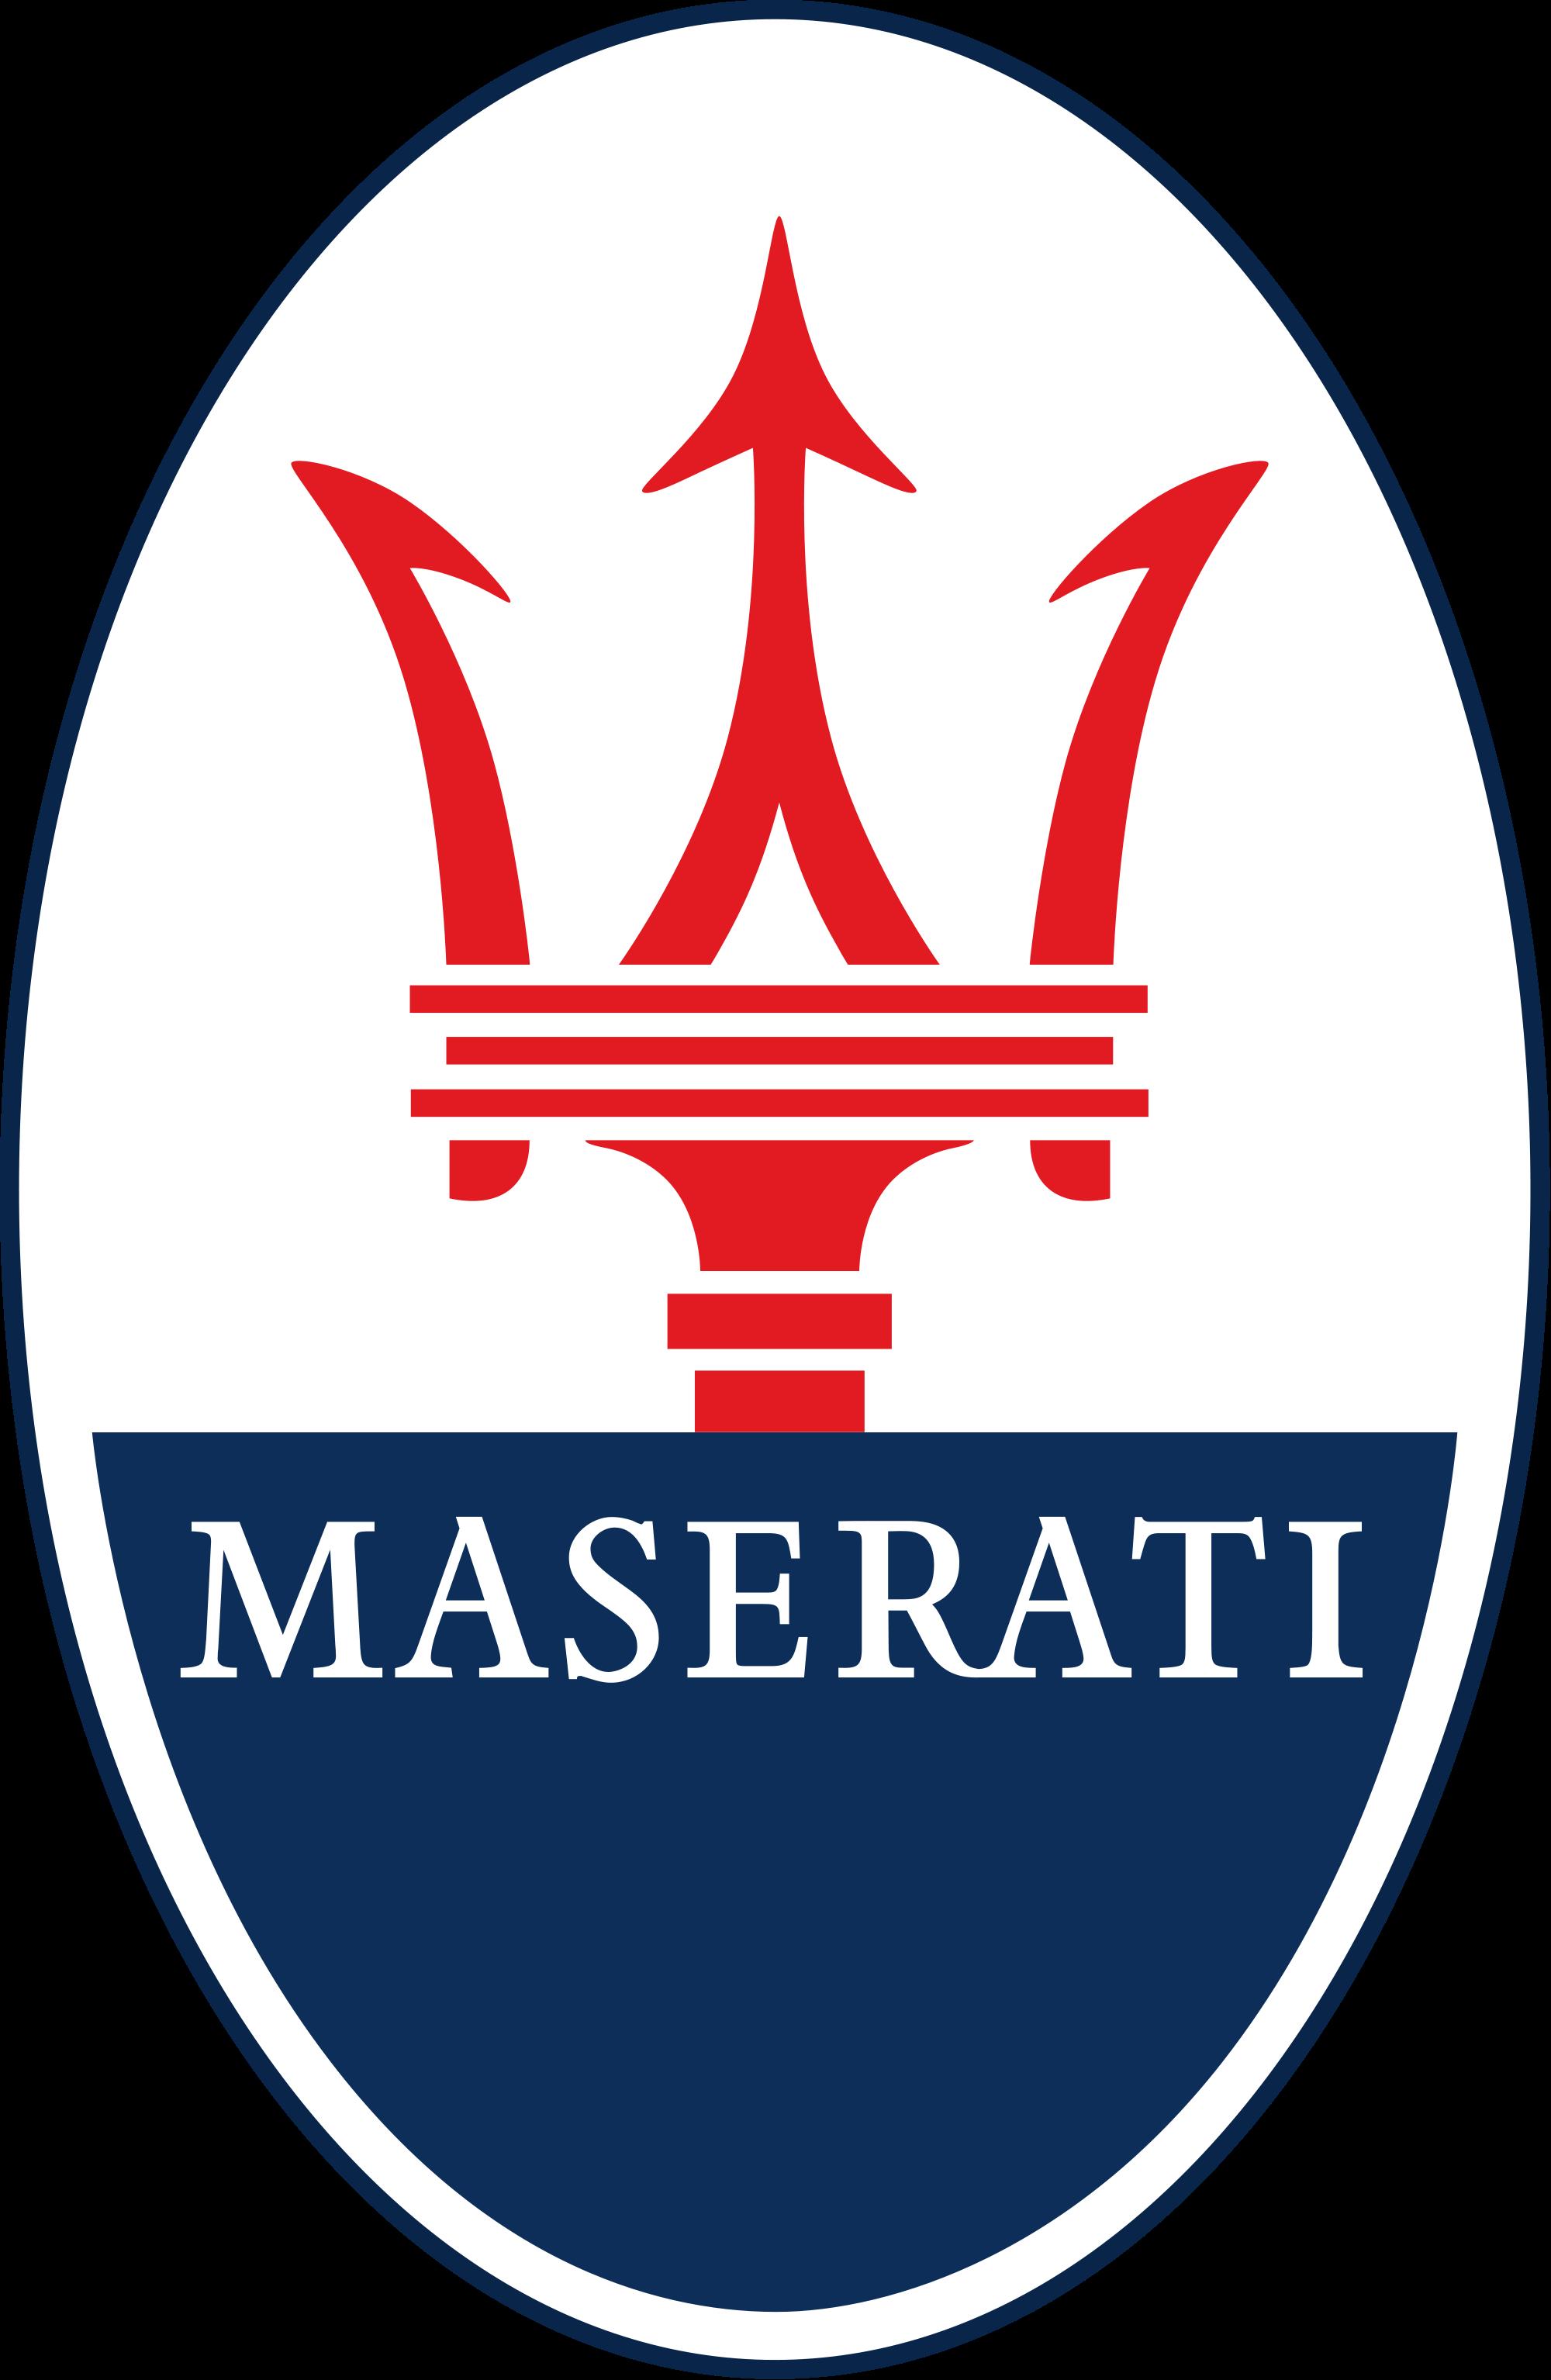 Used Maserati Cincinnati